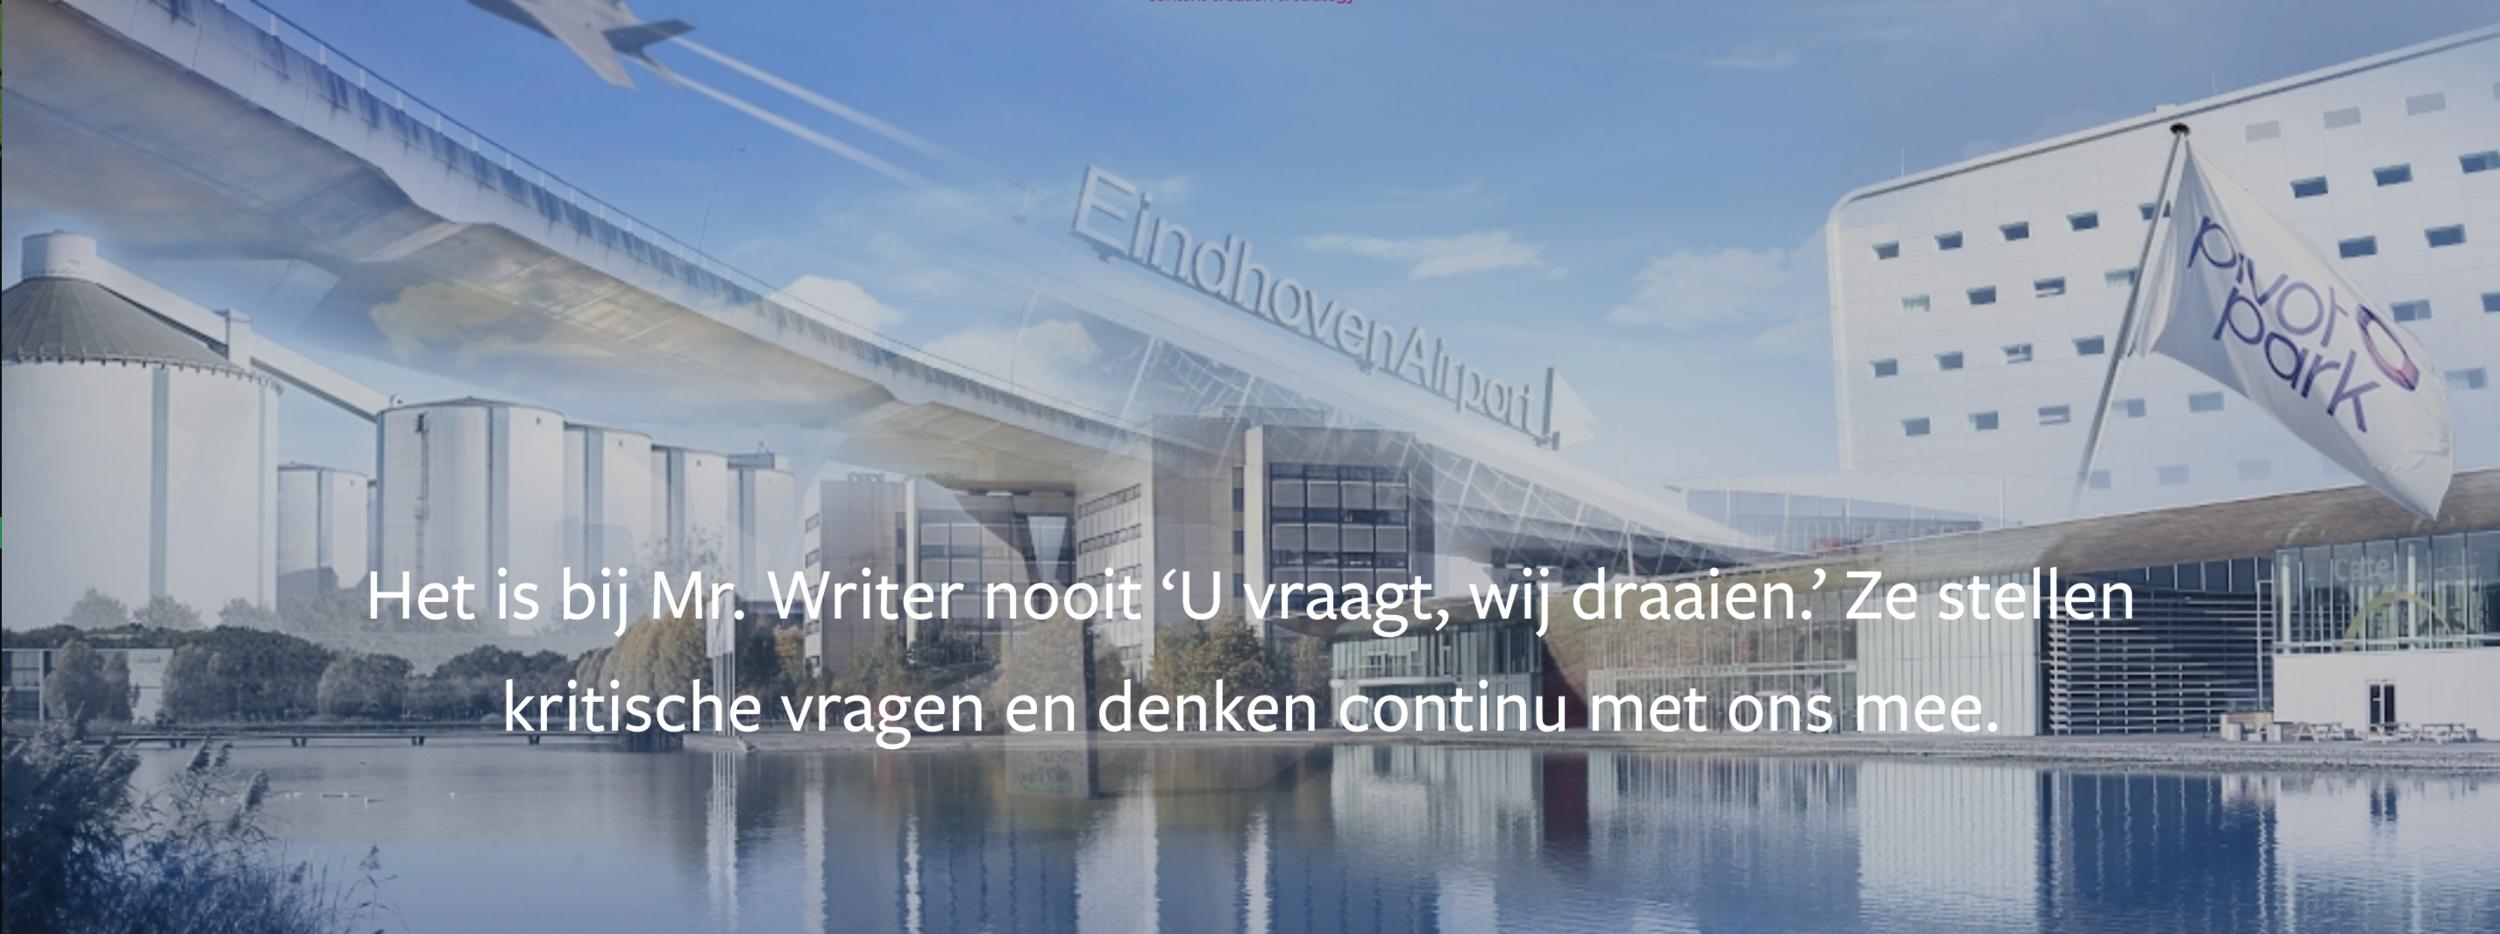 Nieuwe content- en communicatiestrategie voor de Brabantse Ontwikkelingsmaatschappij.